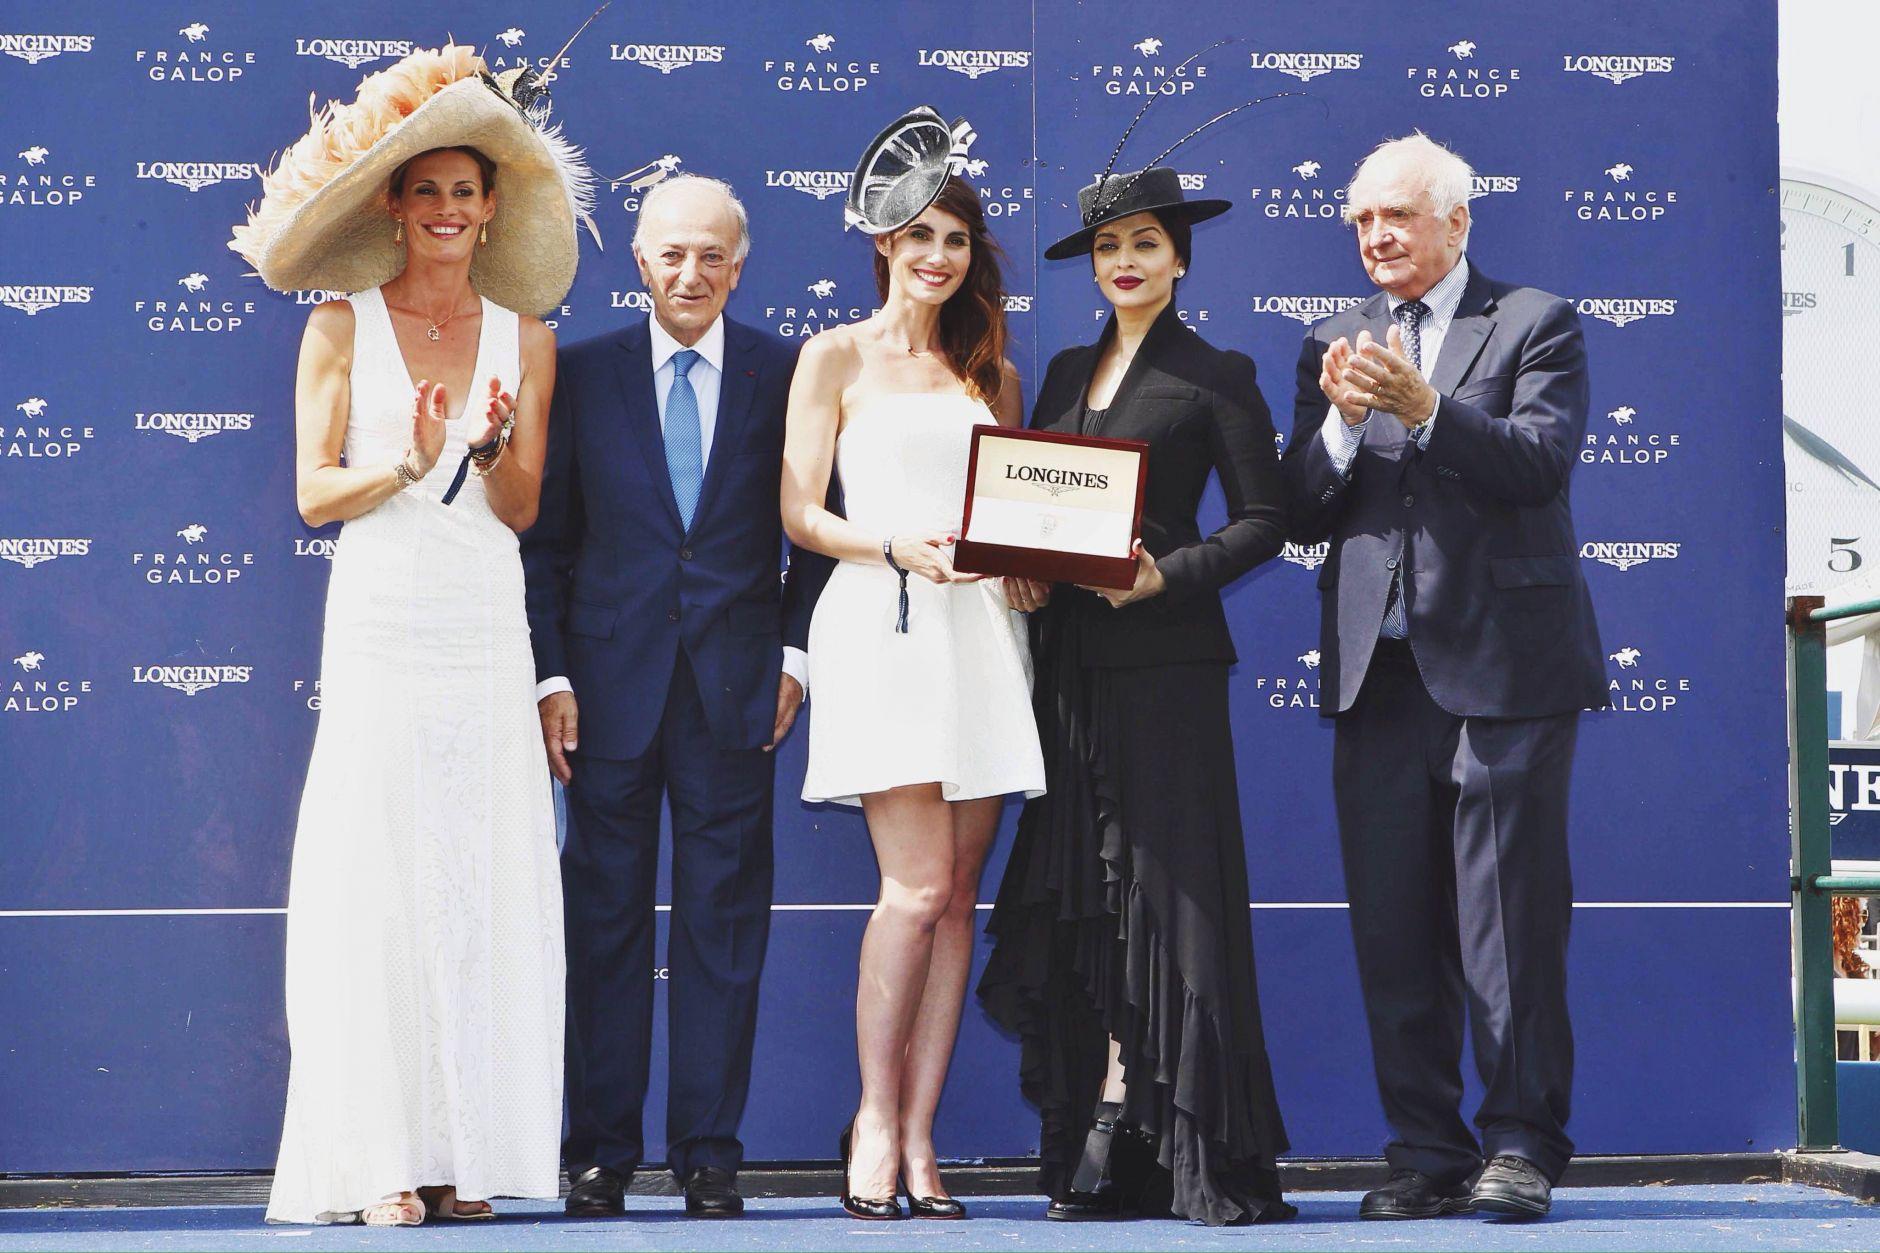 21-Prix-de-Diane-Longines-2015-Disi-Couture-France-Galop-Chantilly-Racecourse-Horse-Race